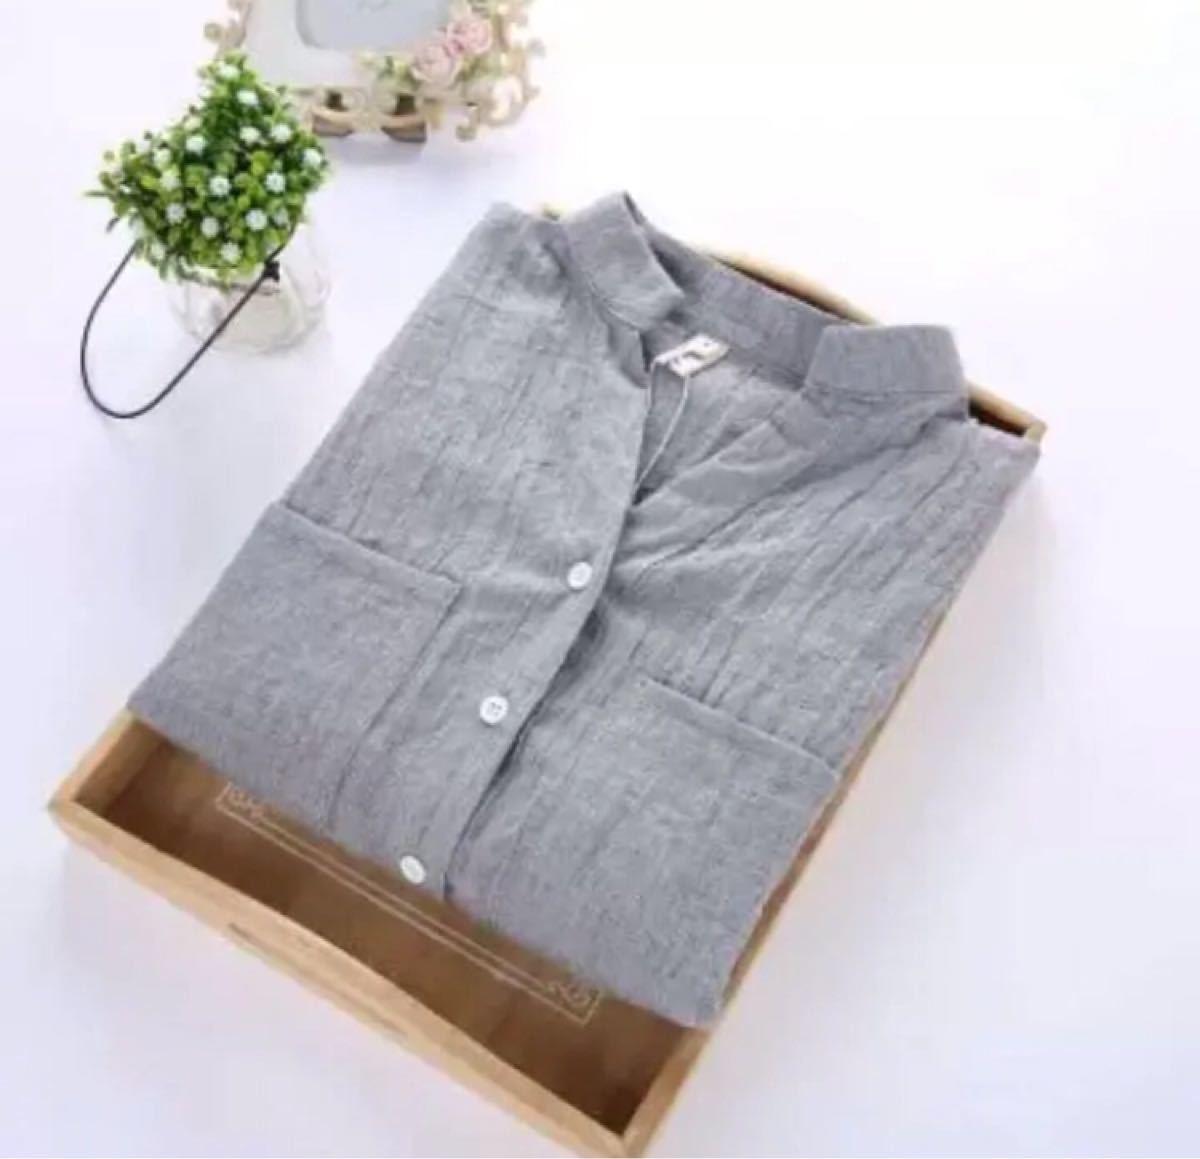 シャツTシャツ (グレー)ブラウス トップス チュニック ブラウス 無地 綿麻風